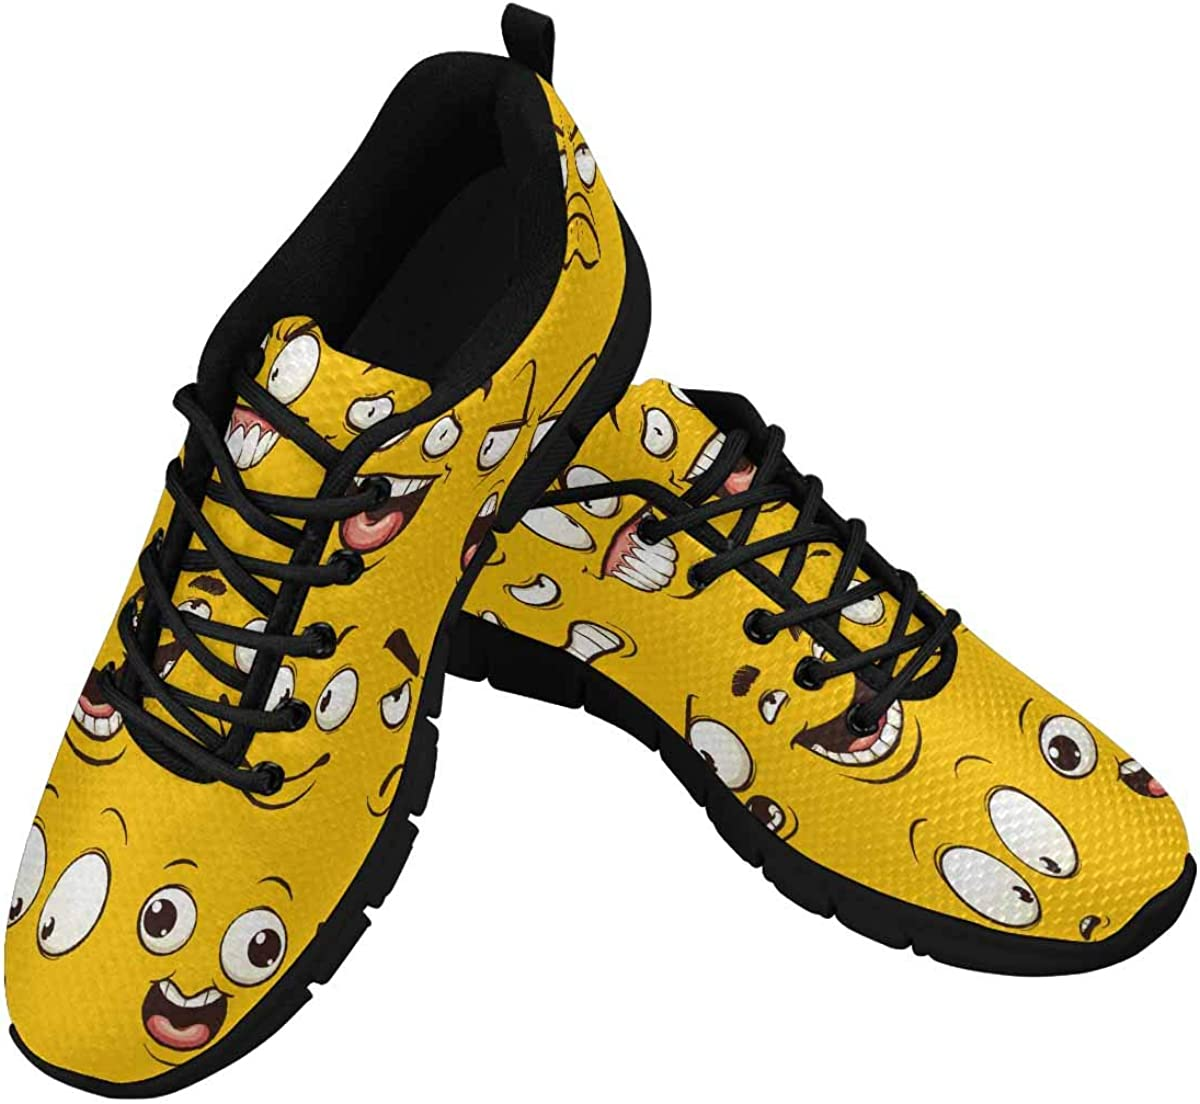 InterestPrint Funny Cartoon Faces Women's Tennis Running Shoes Lightweight Sneakers